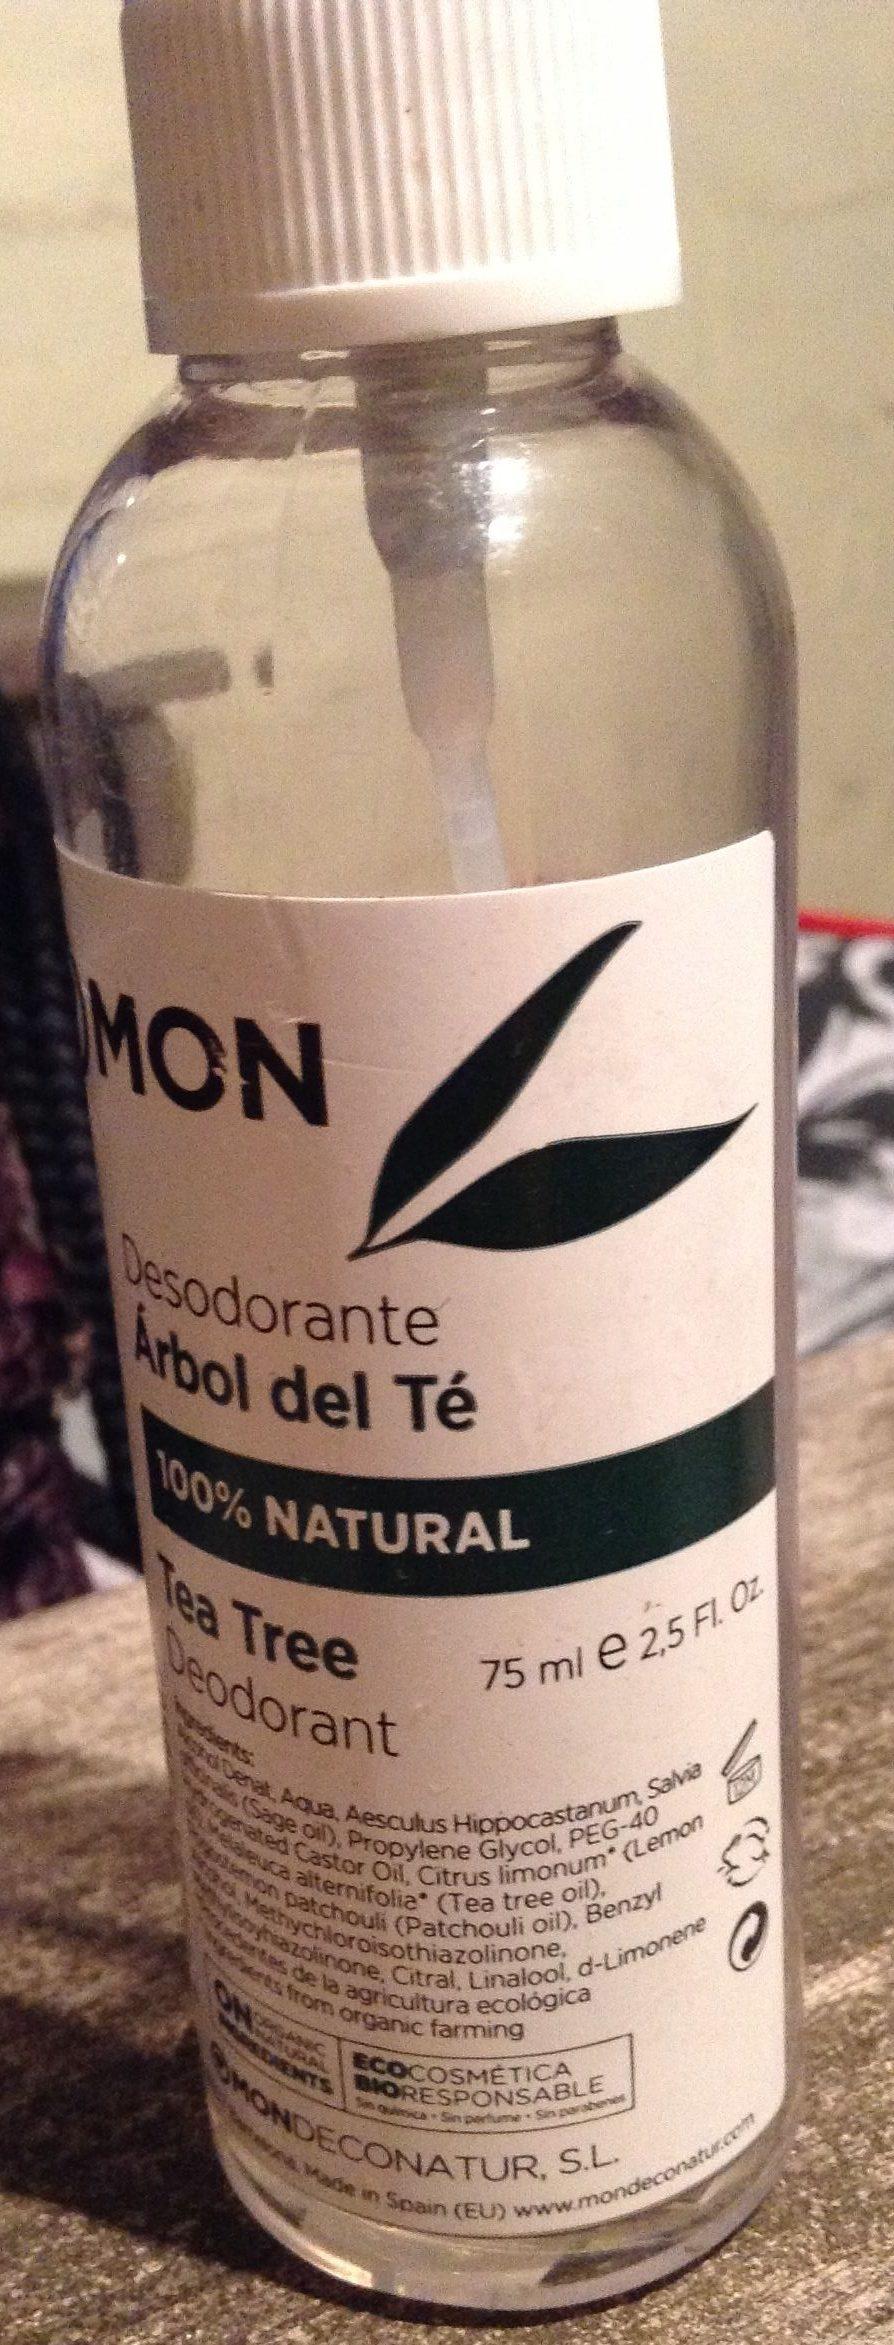 Desodorante Árbol del Té - Product - es